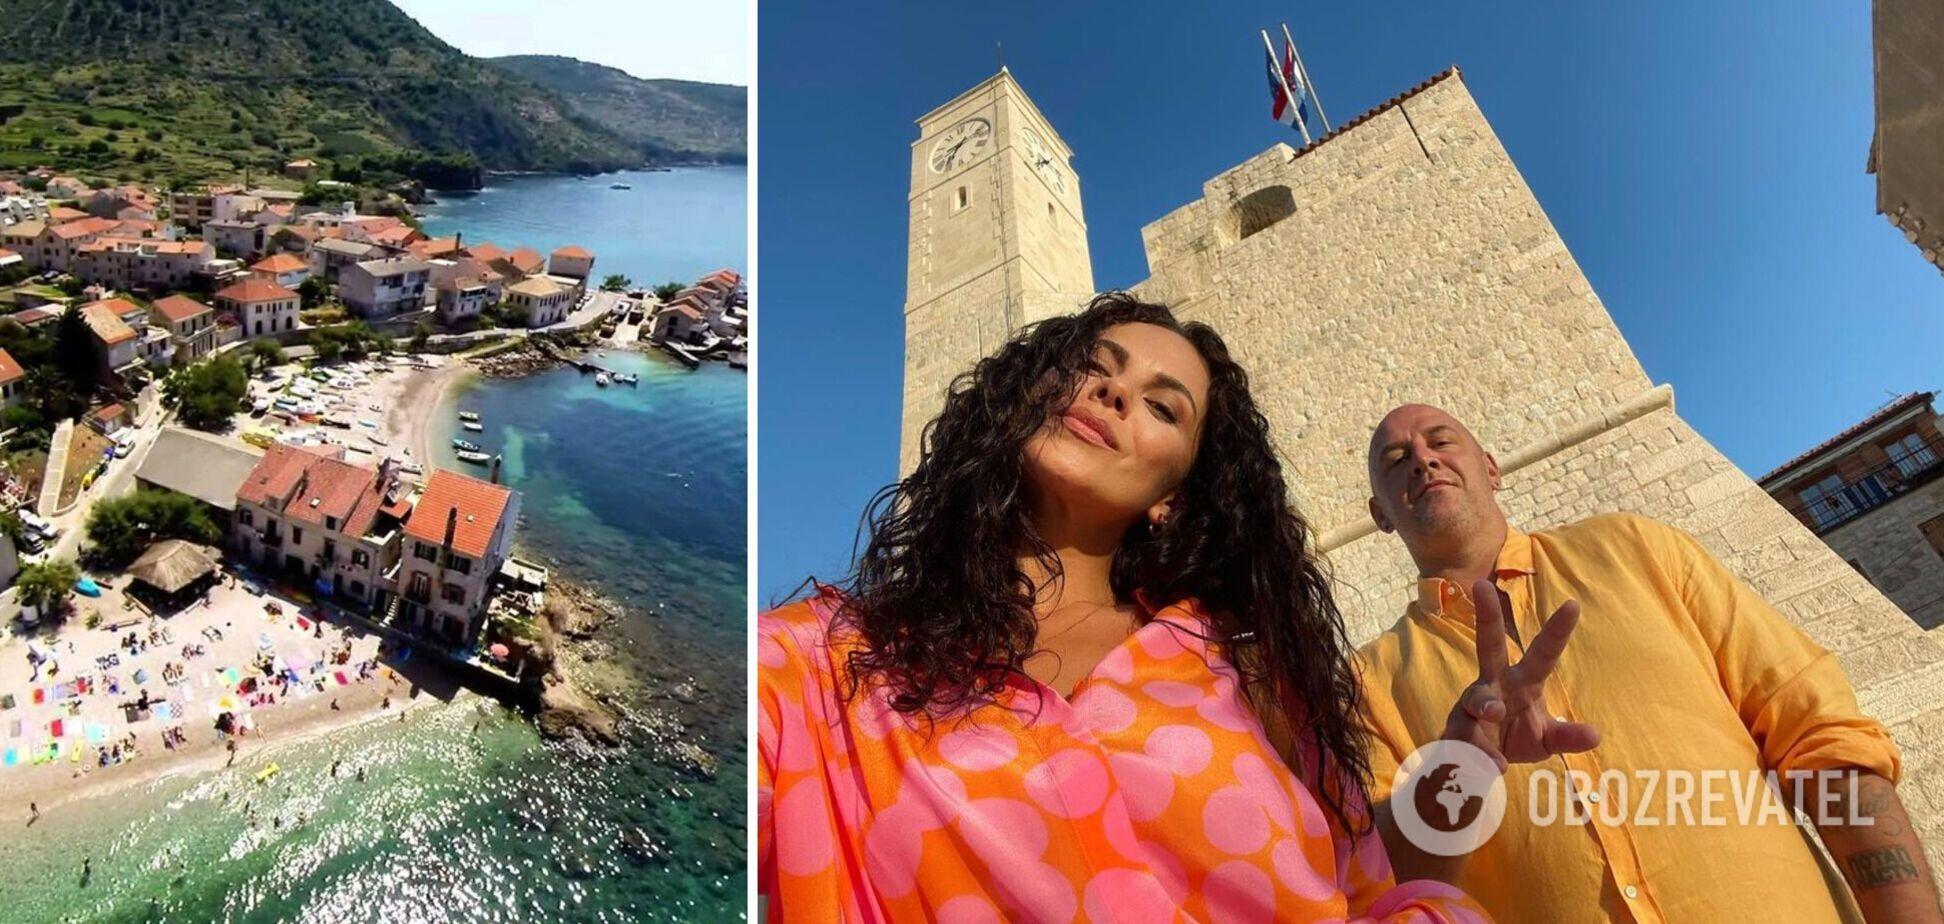 Настя Каменских и Потап проводят отпуск с мамами в Хорватии. Фото